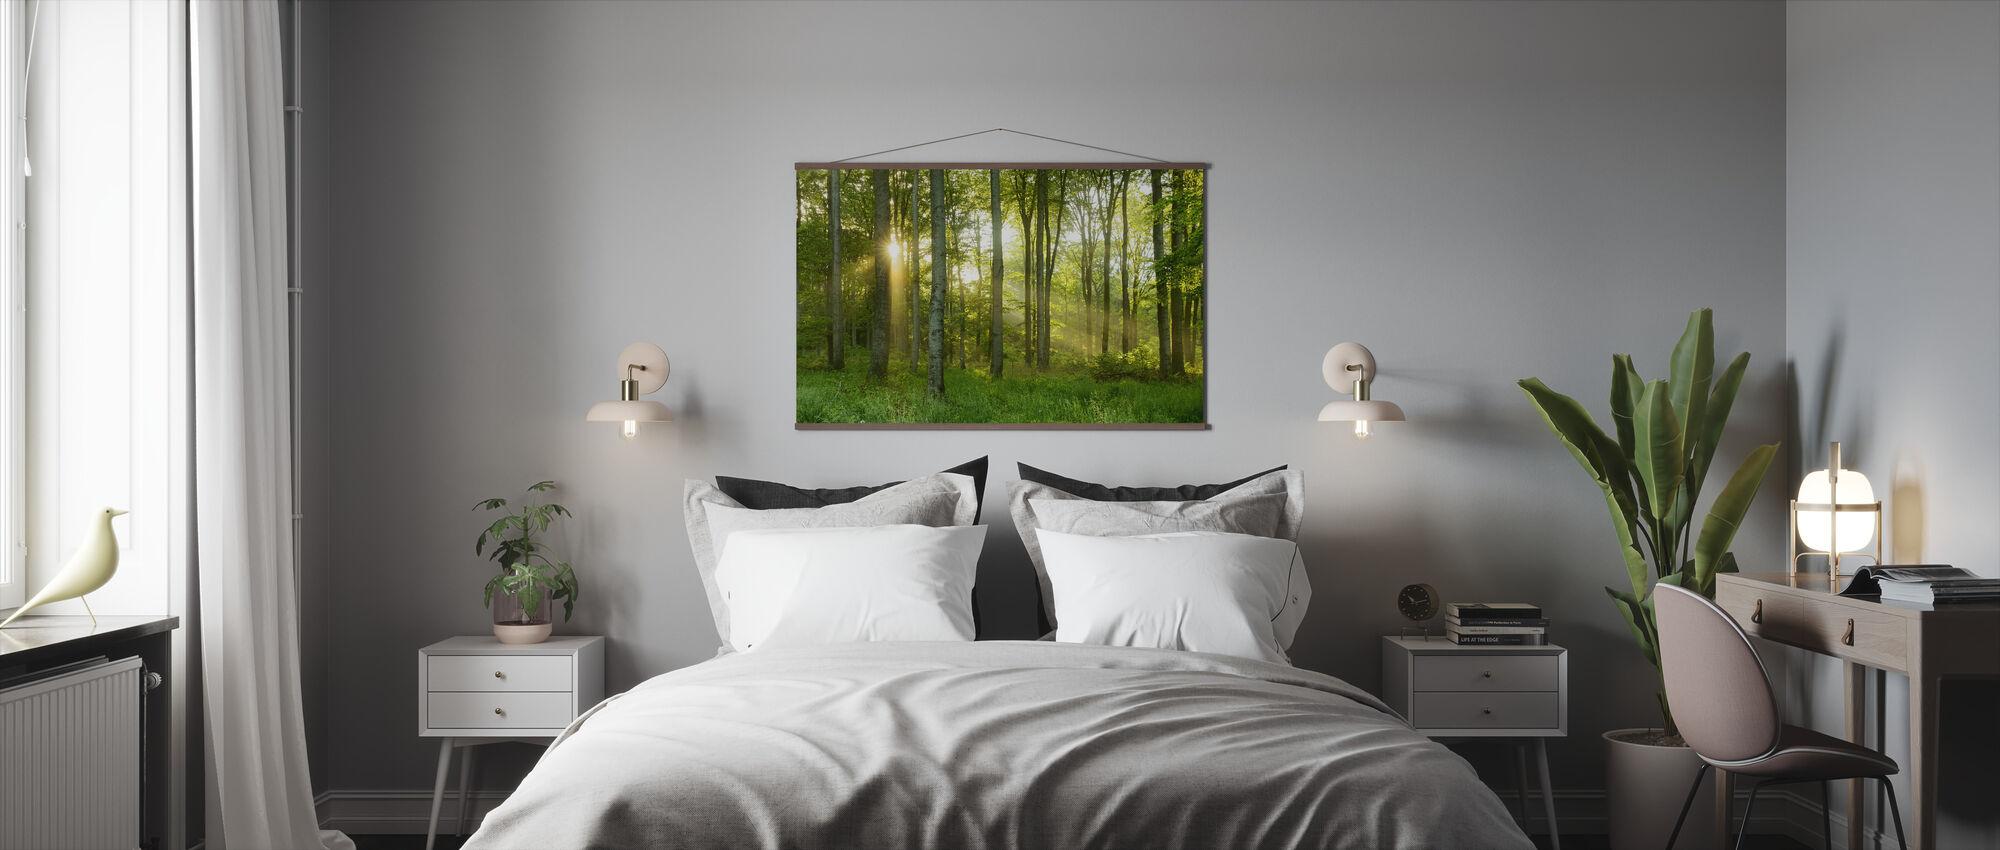 Pyökki puu Metsä - Juliste - Makuuhuone